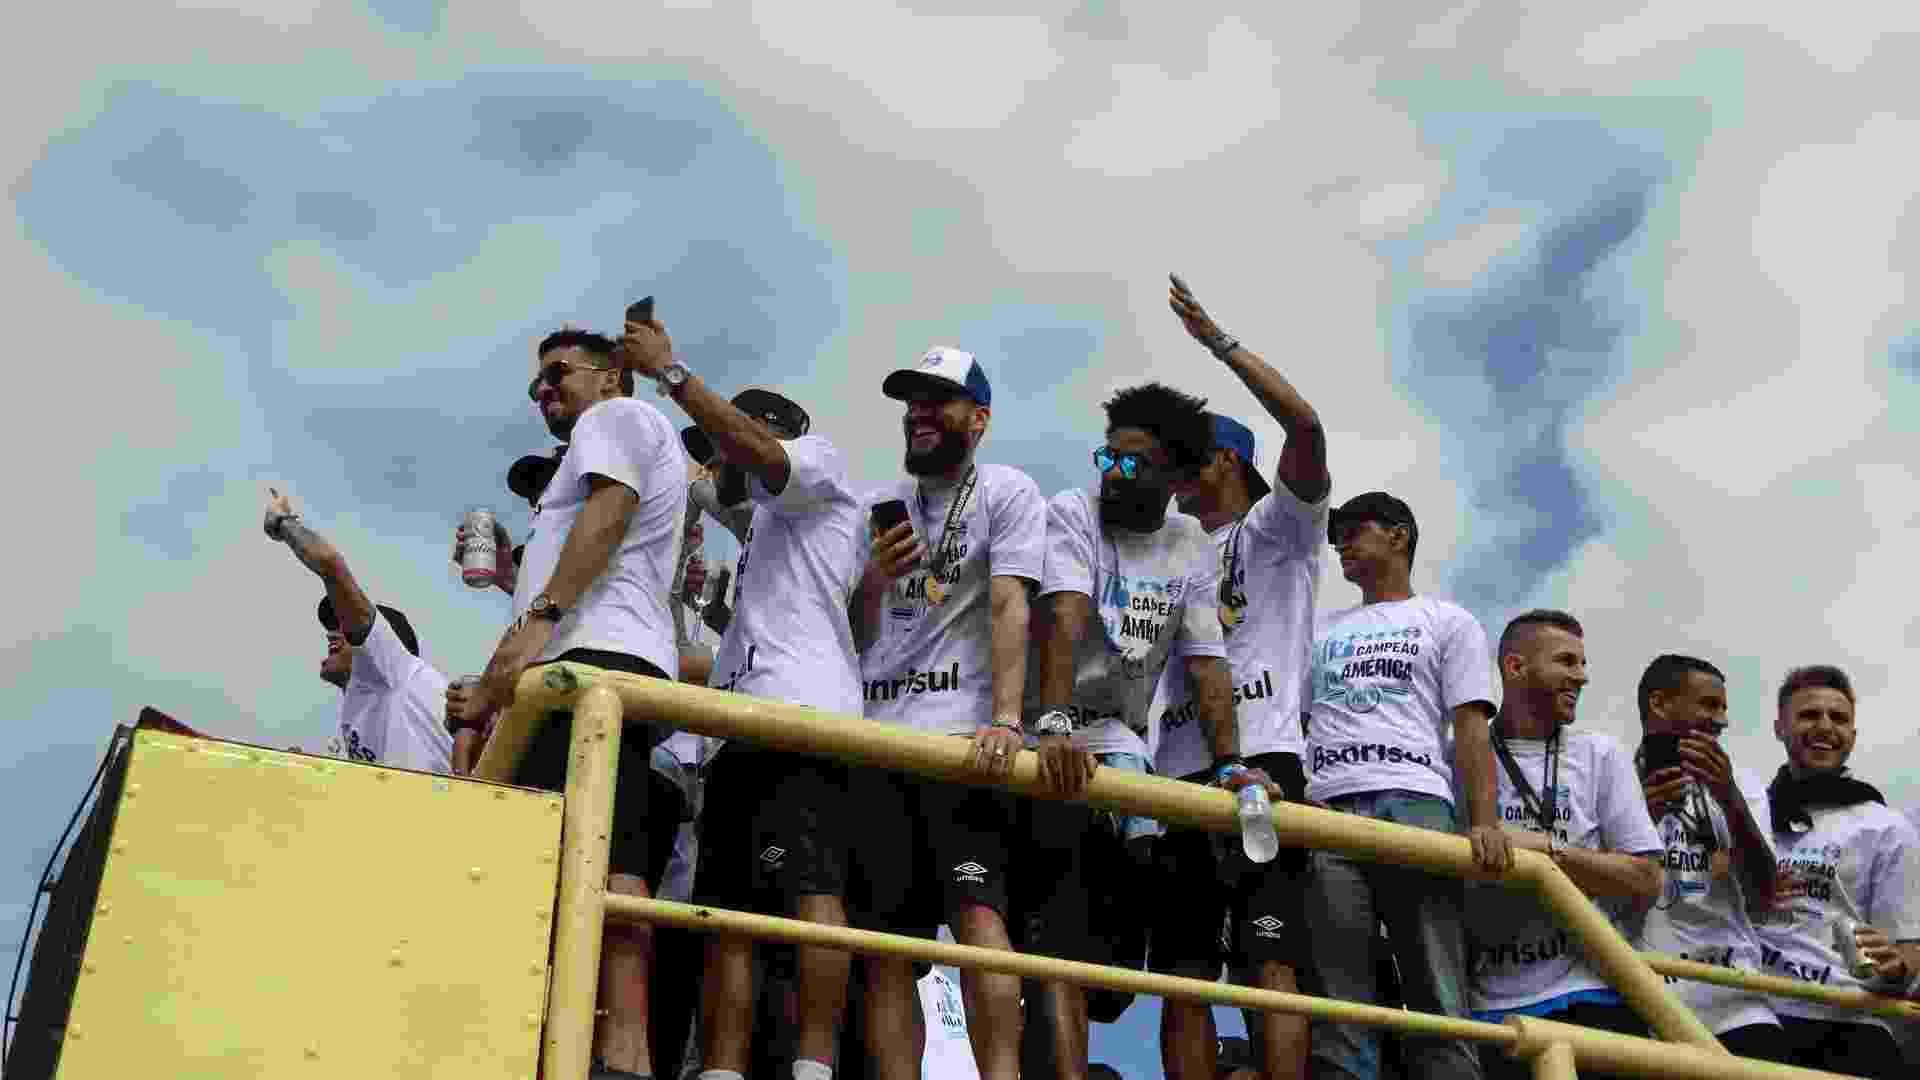 Elenco do Grêmio celebra conquista da Libertadores - Marinho Saldanha/UOL